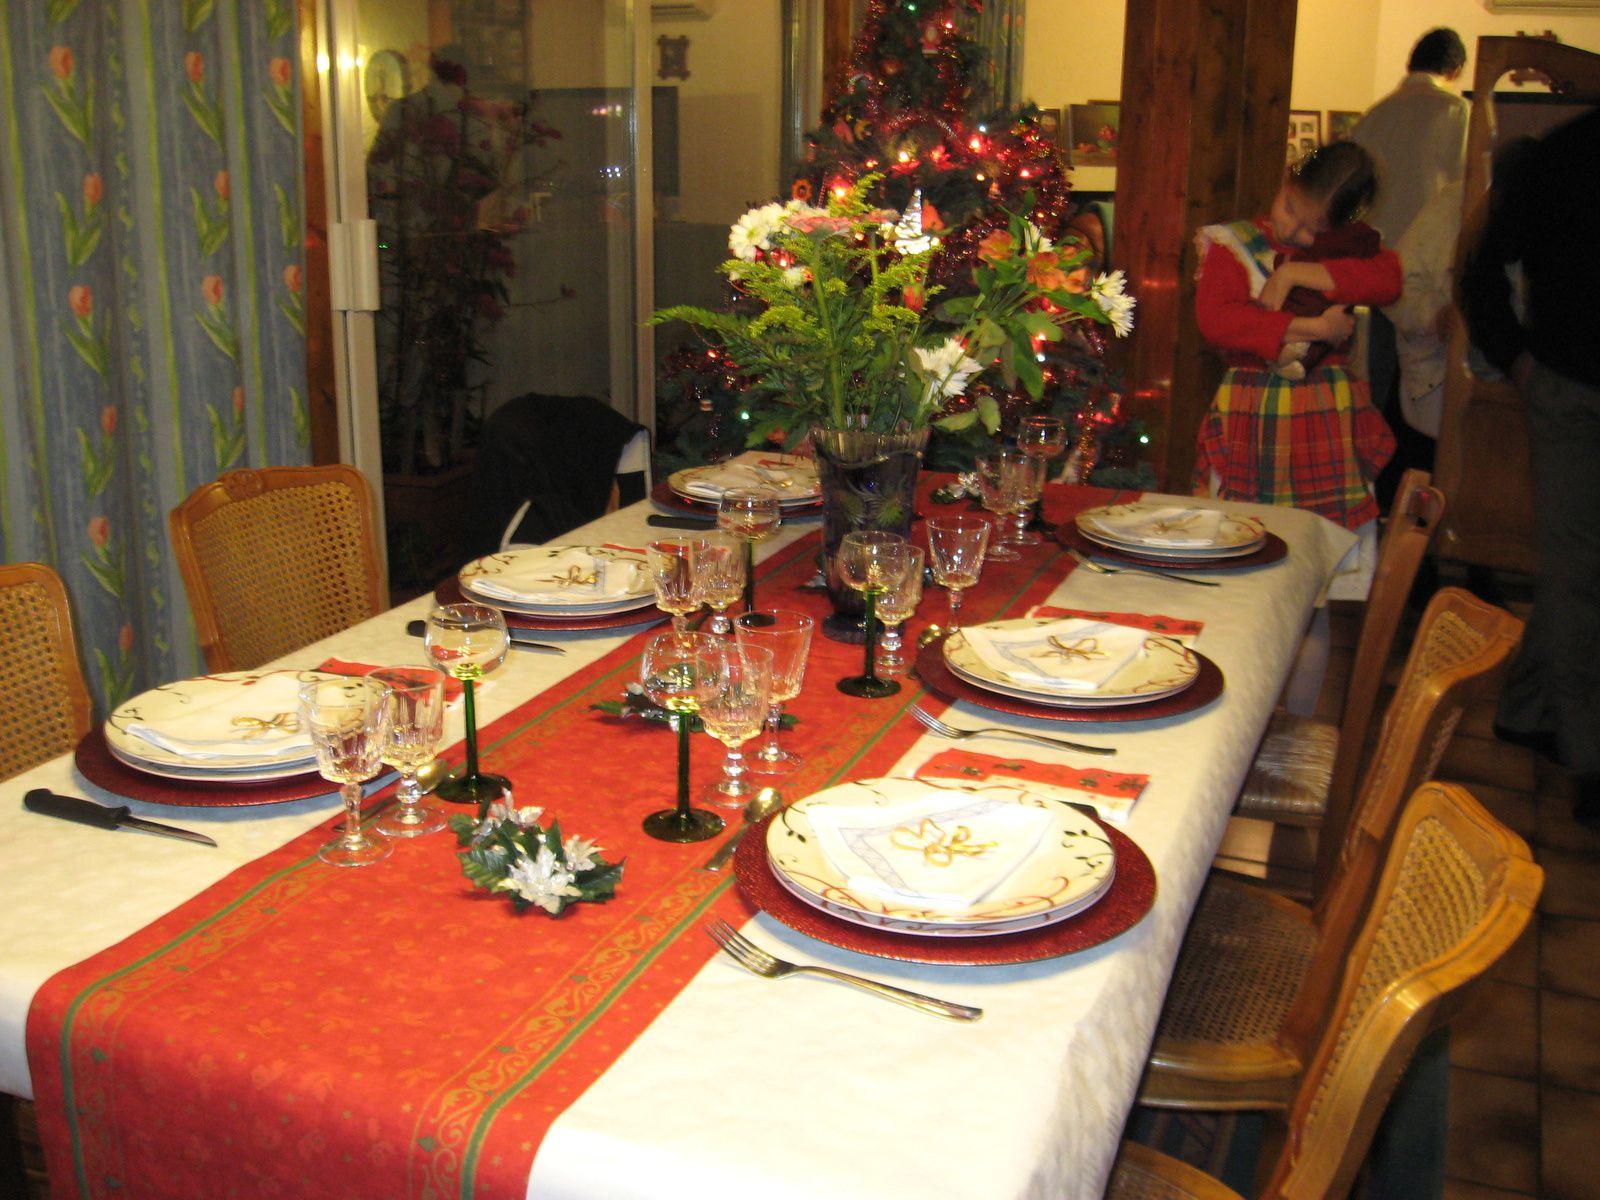 la table et le plaisir d'être ensemble_celine